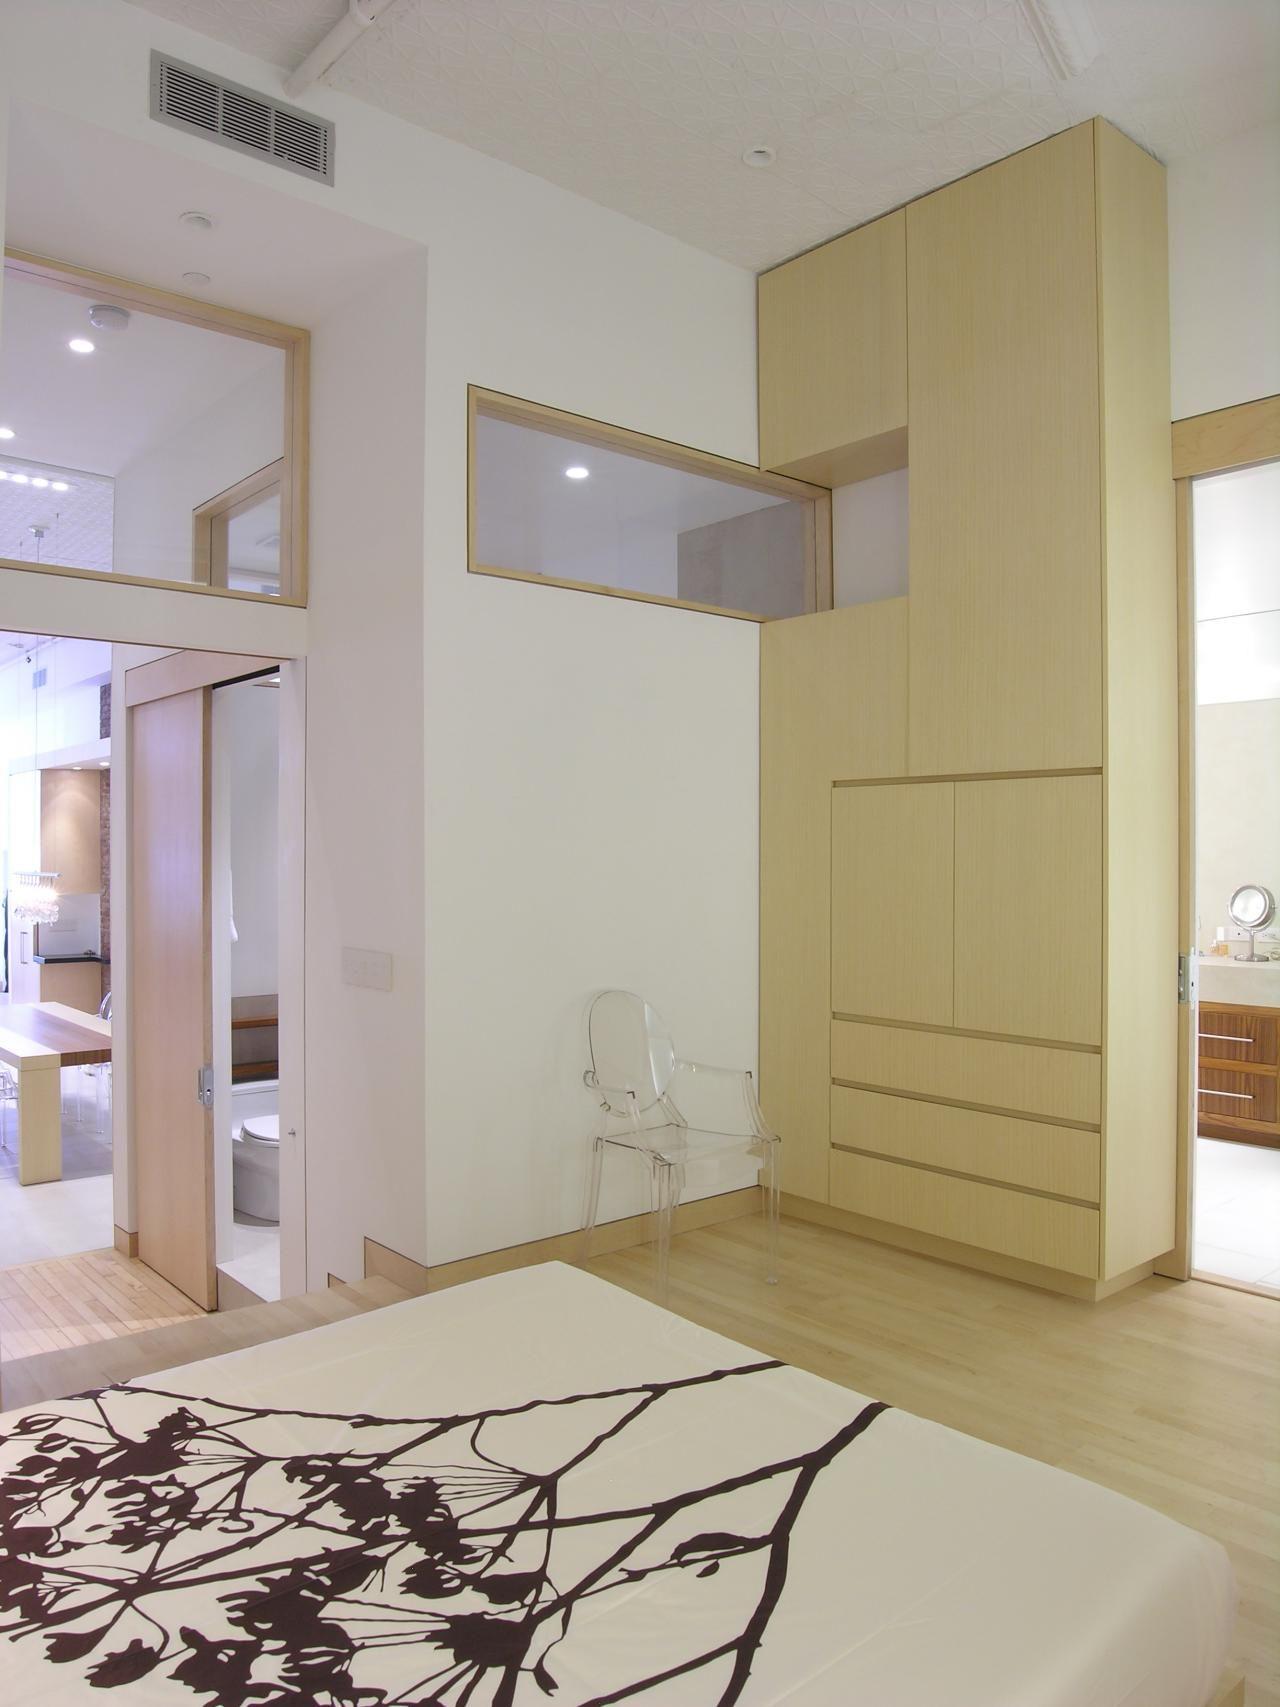 Master bedroom hardwood floors  This minimalistic white master bedroom features a floortoceiling